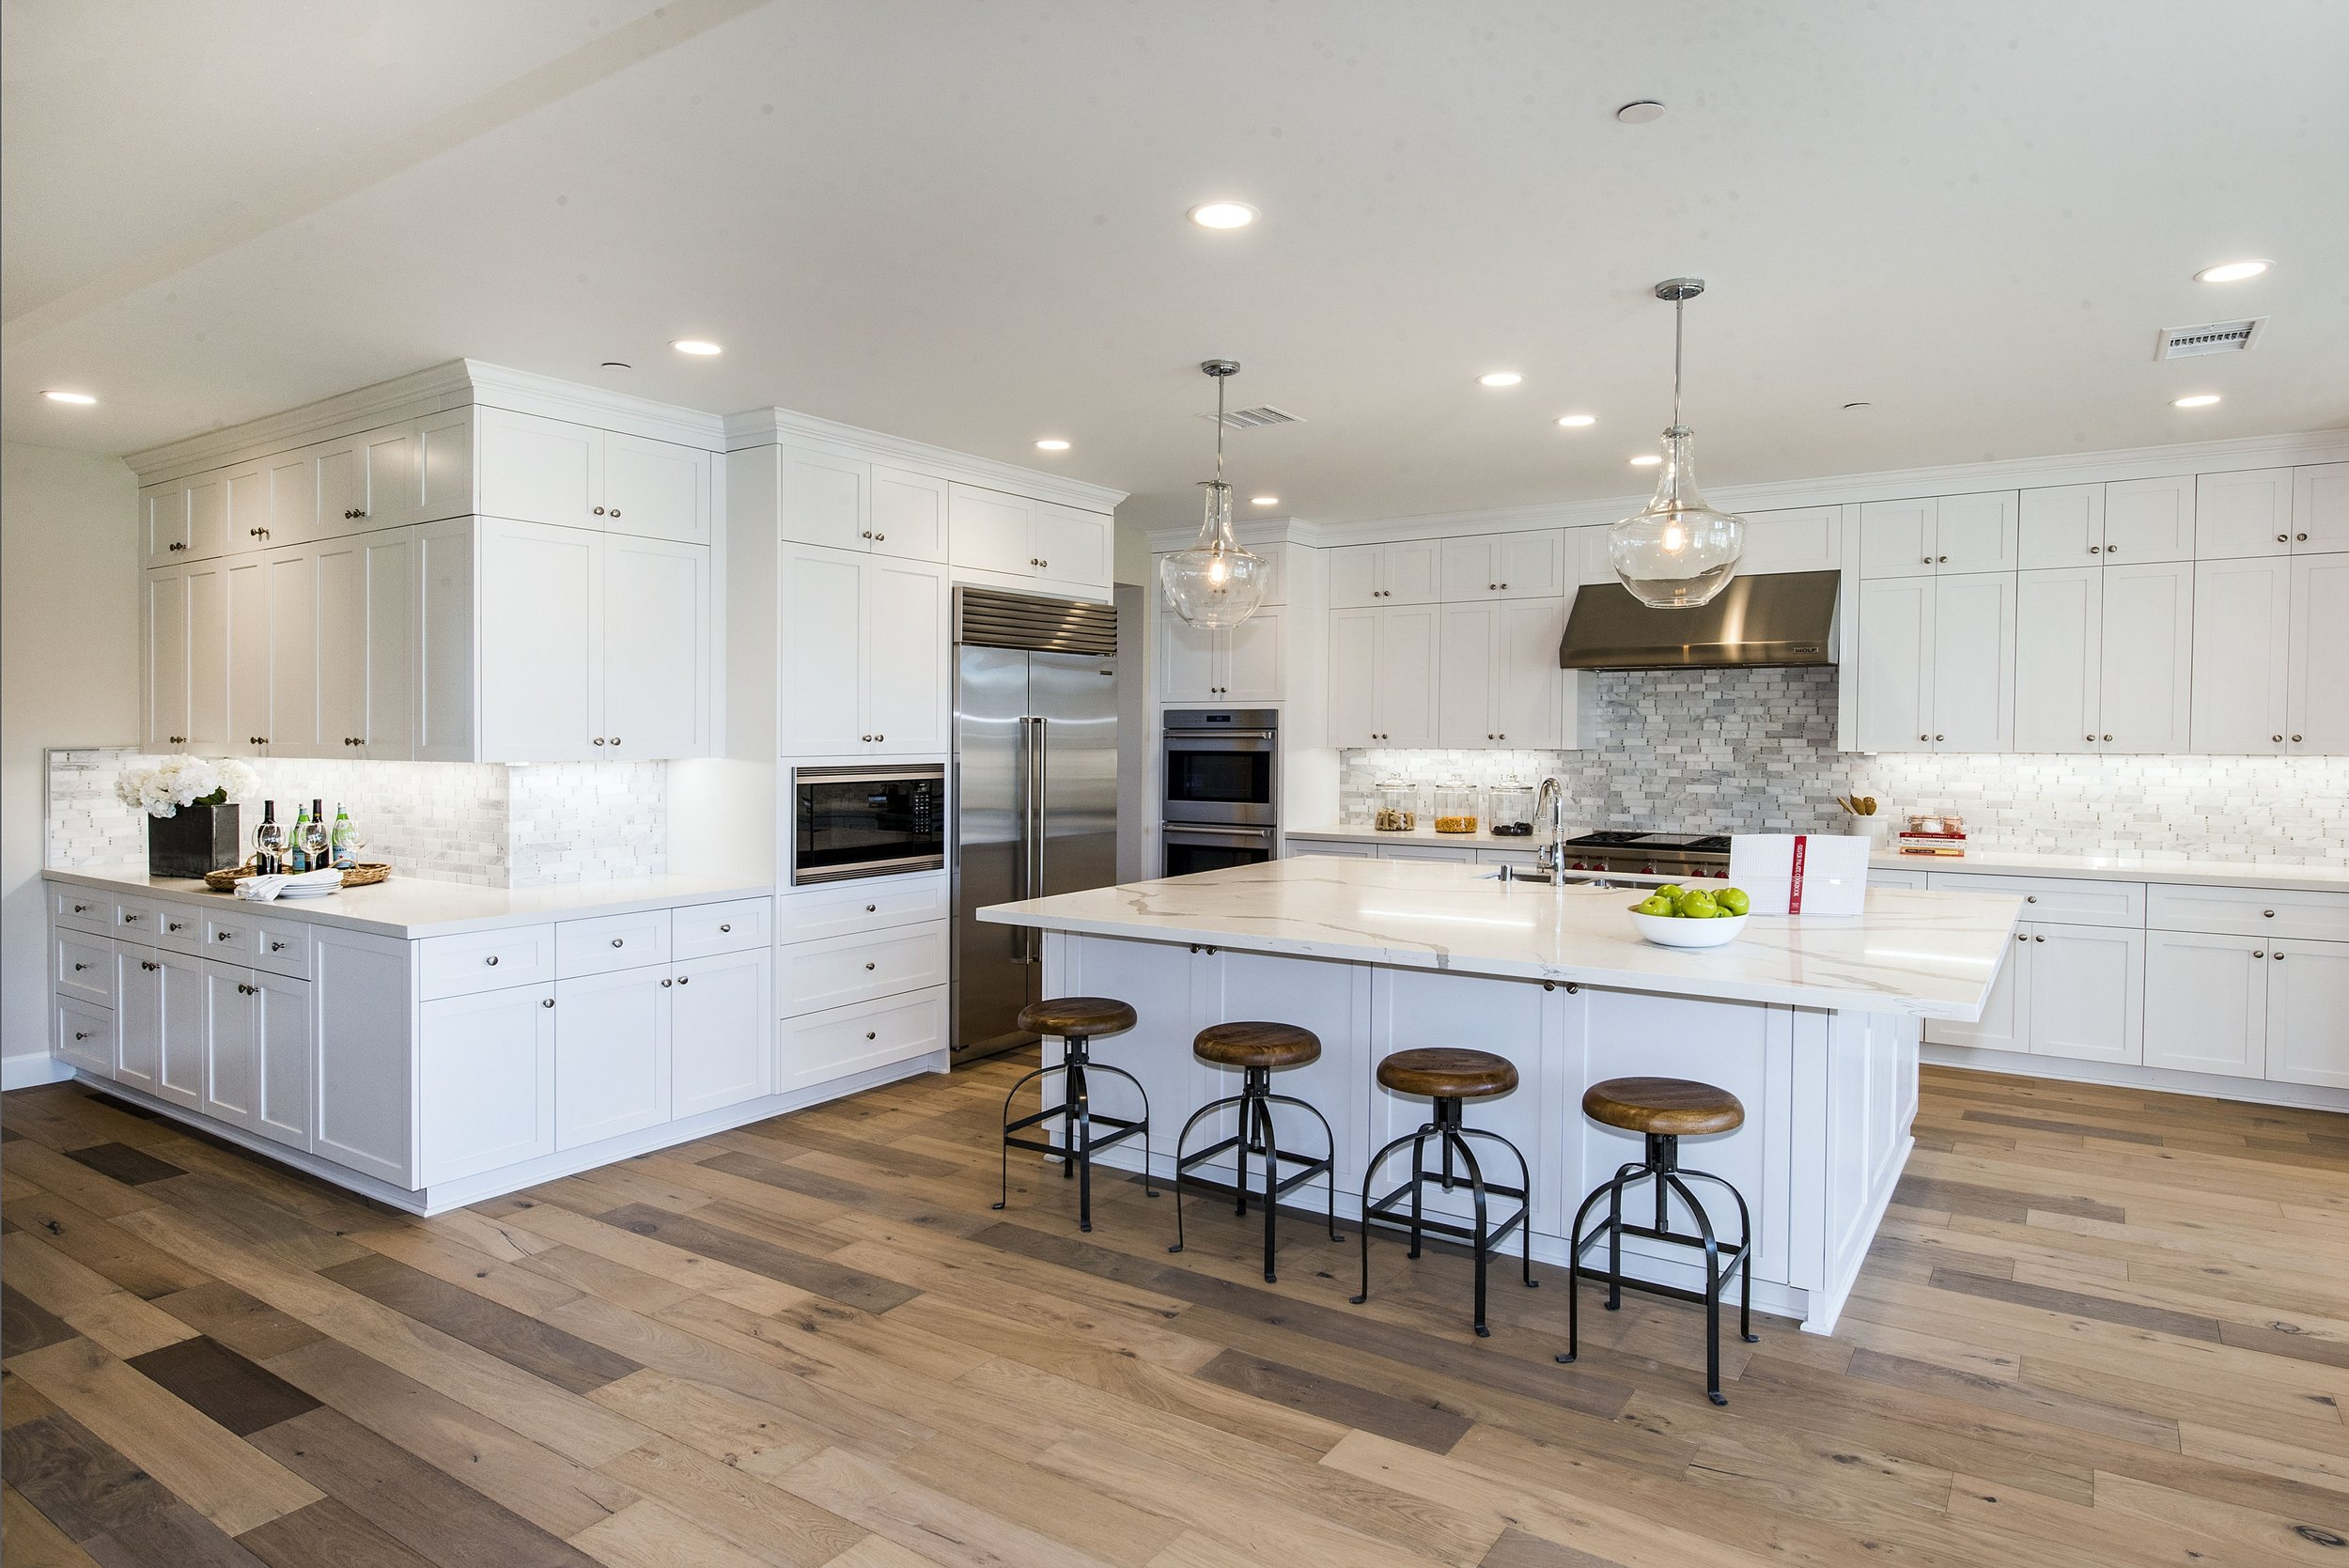 Kitchen_DSC_9230.jpg